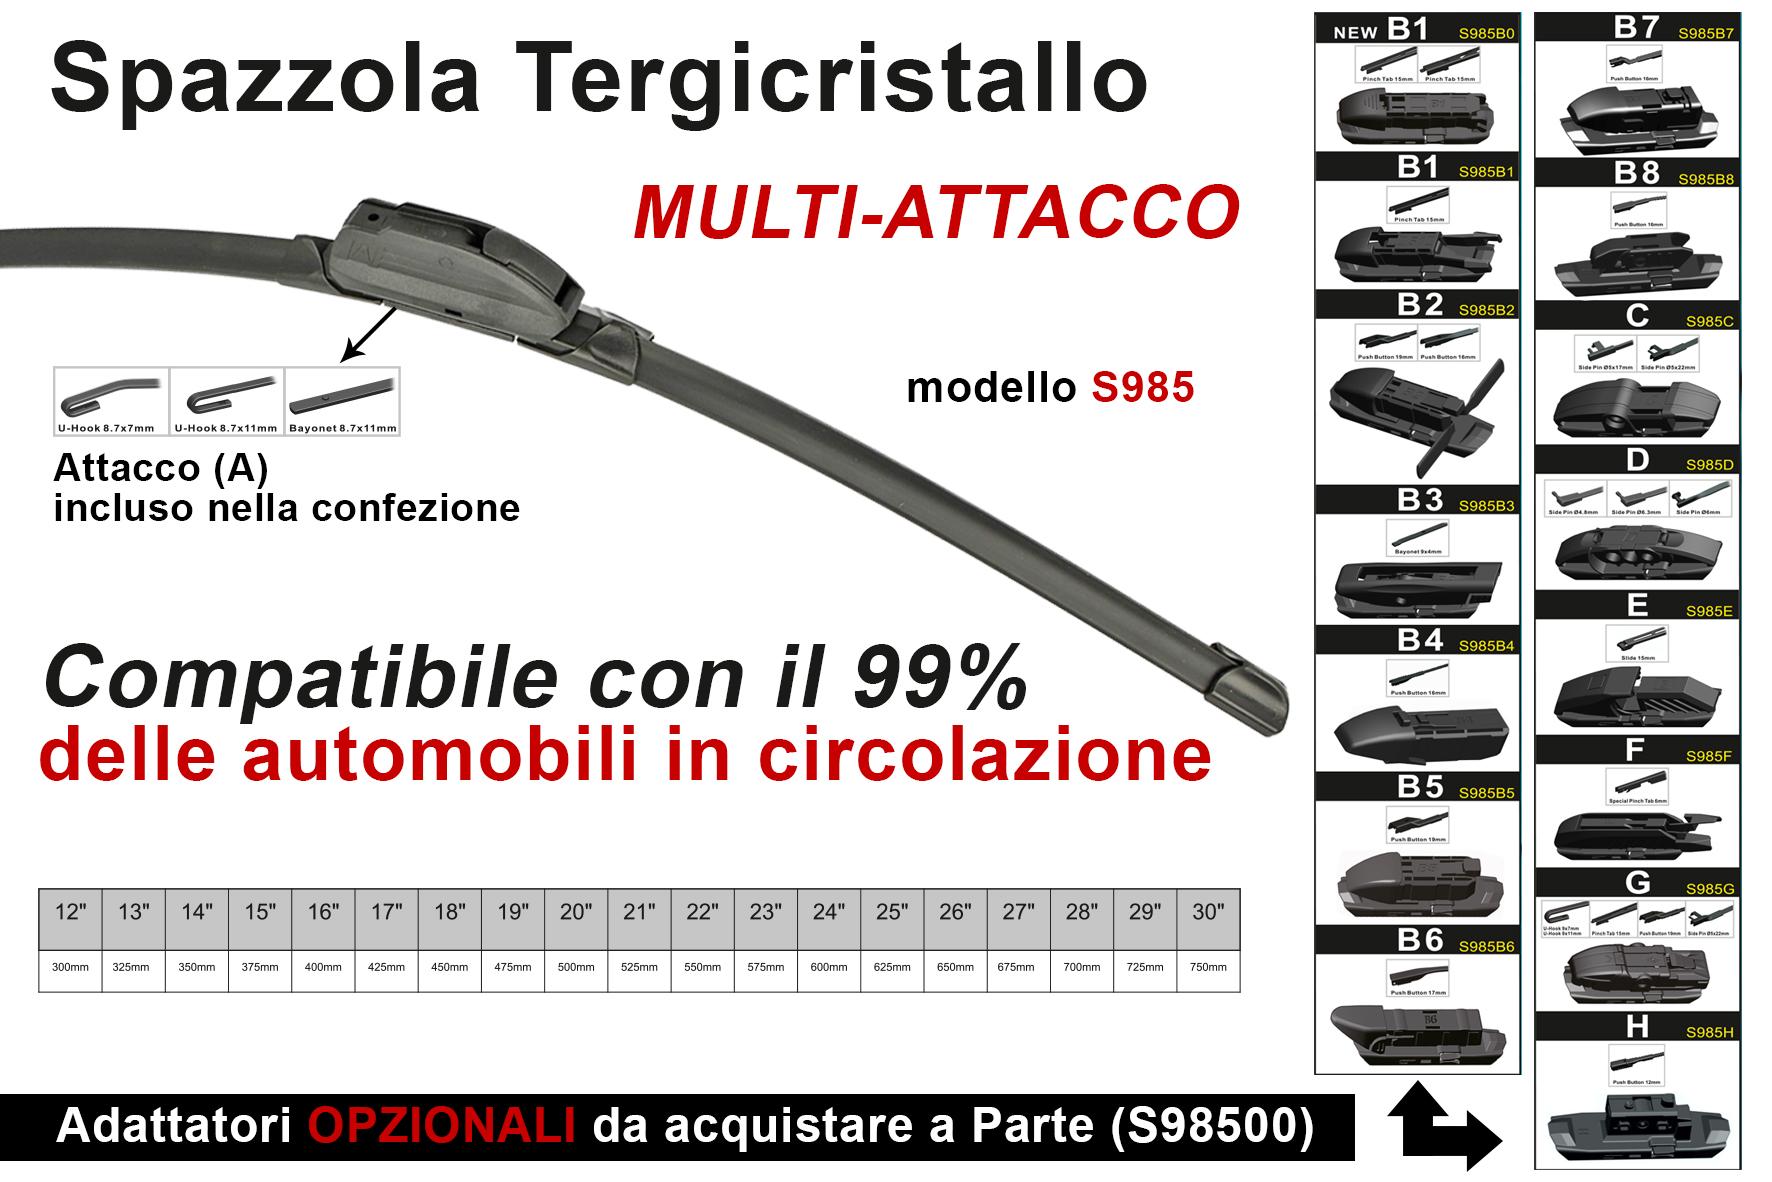 Spazzola Tergicristallo Auto Universale S985 29`` 725mm Carall 16 Attacchi Opzionale - PZ